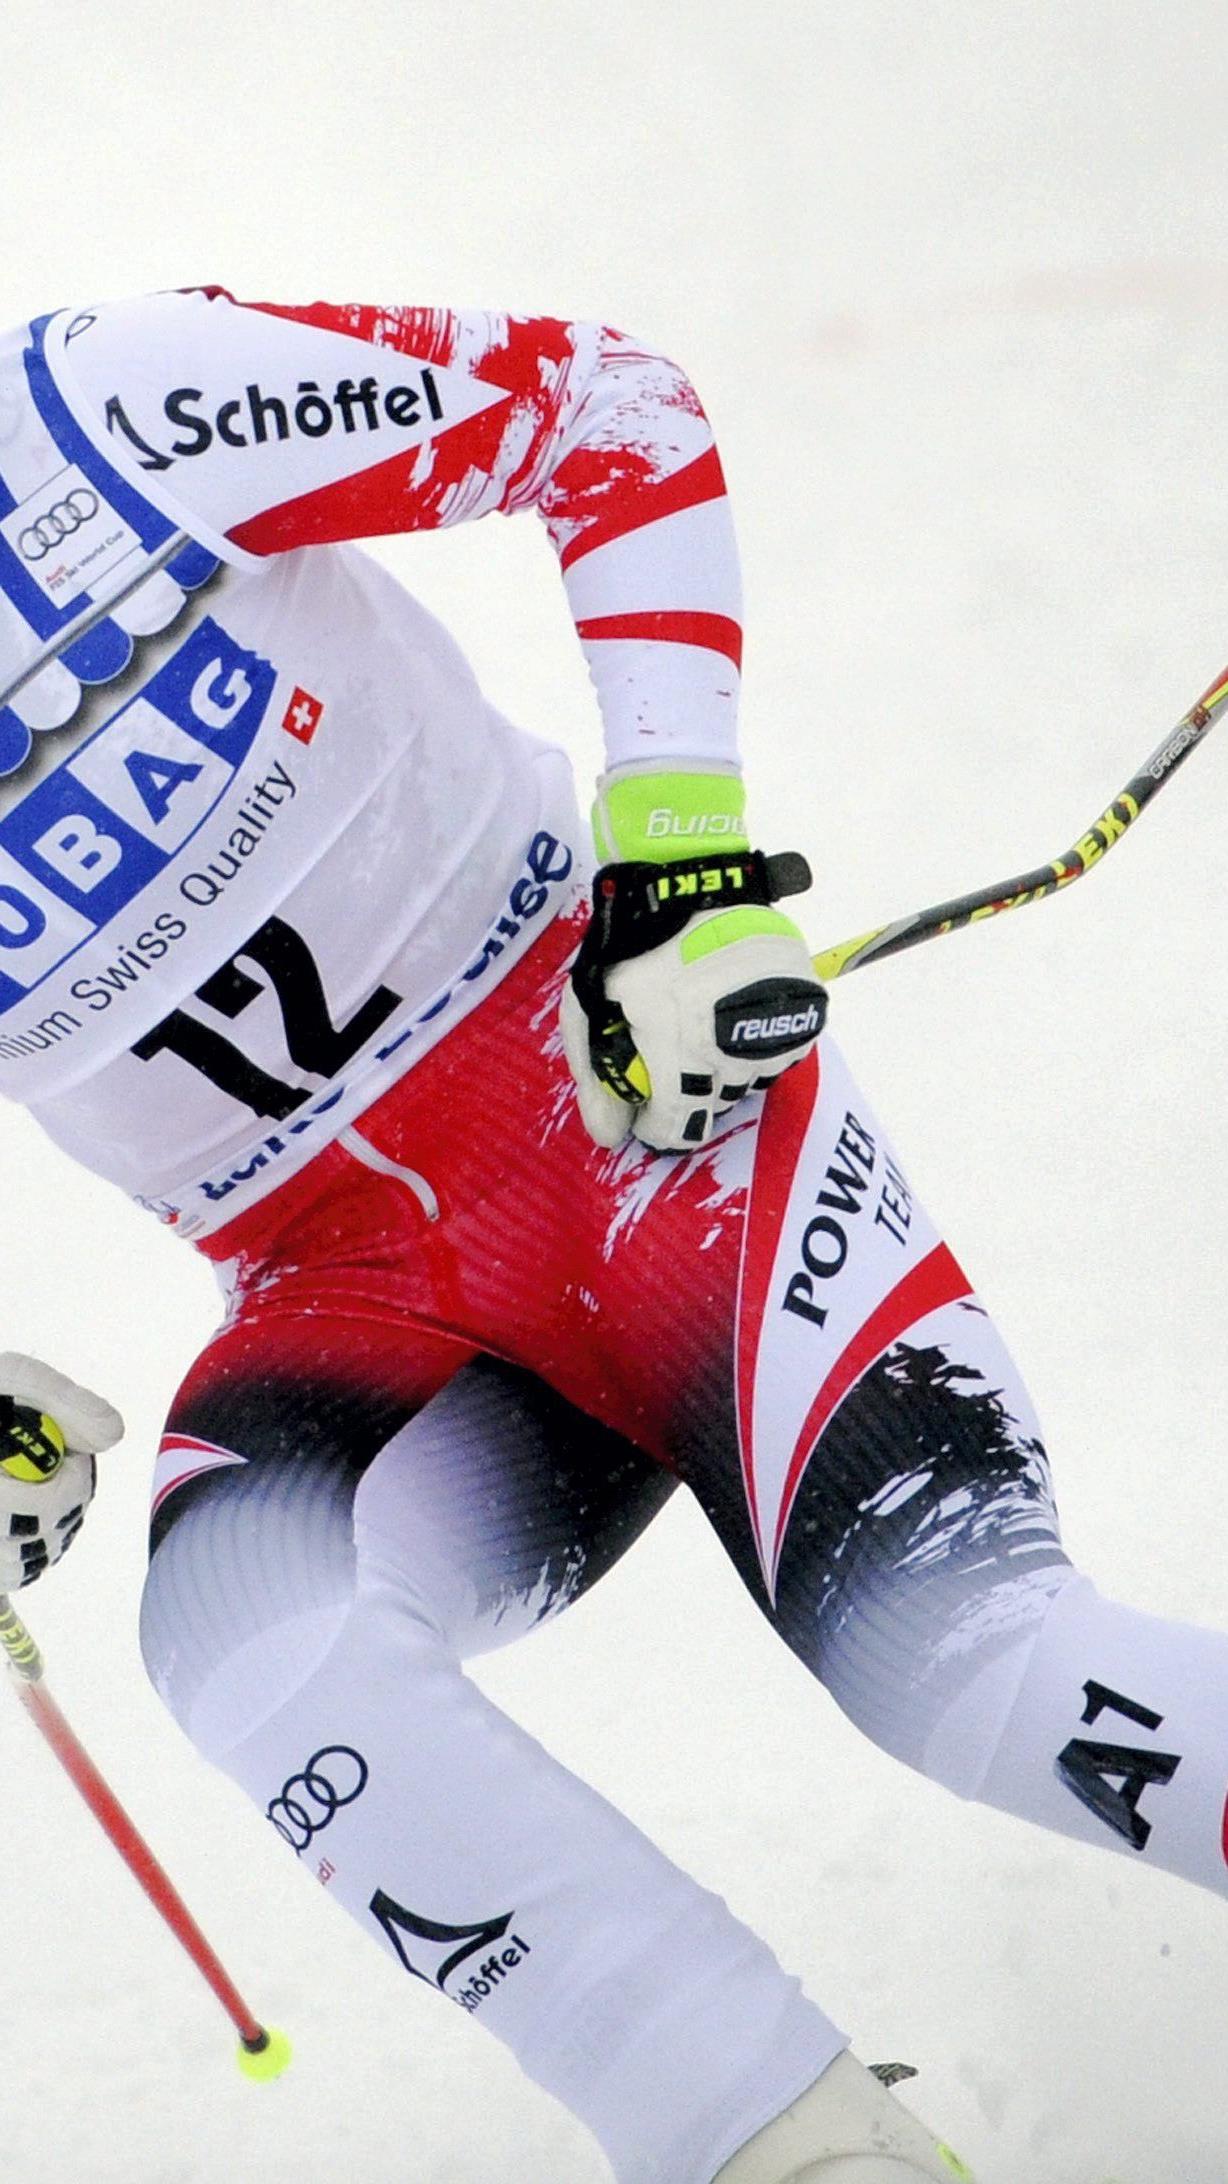 Olympiasieger Mayer nach überstandener Verletzung gut gerüstet